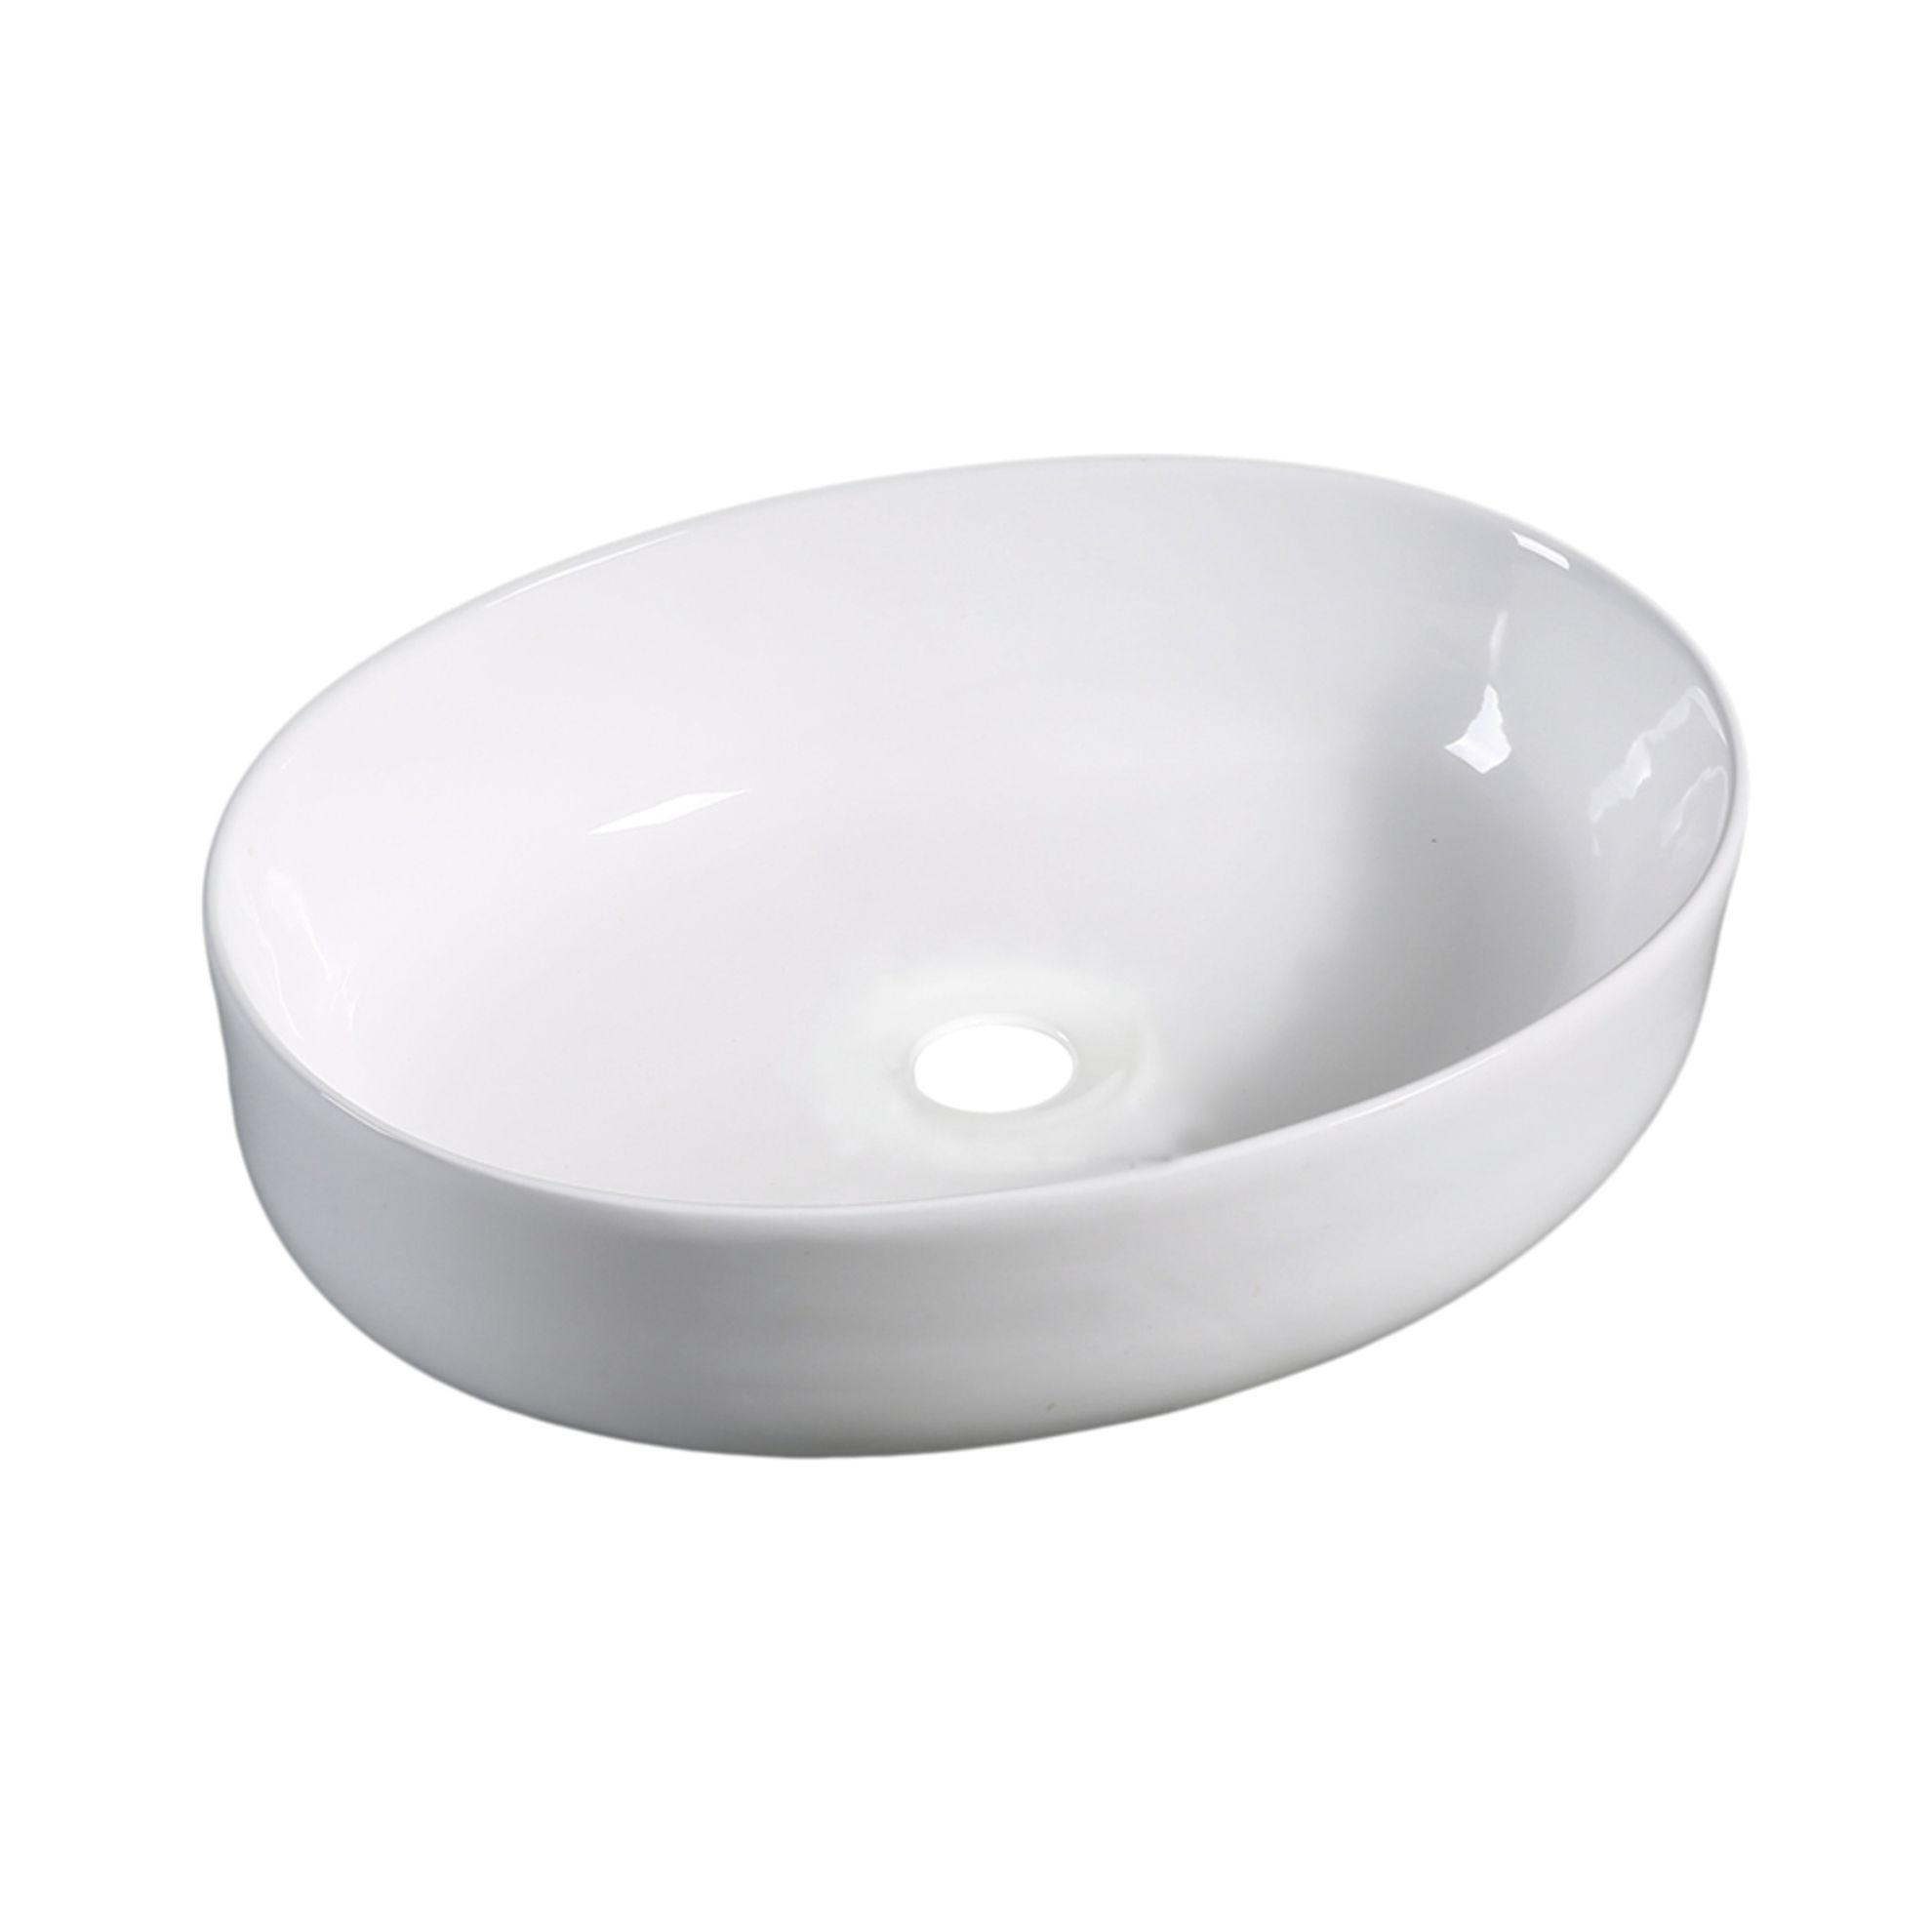 Lavabo da appoggio ovale Spadafora L 51,5 x P 38 x H 15 cm bianco ...